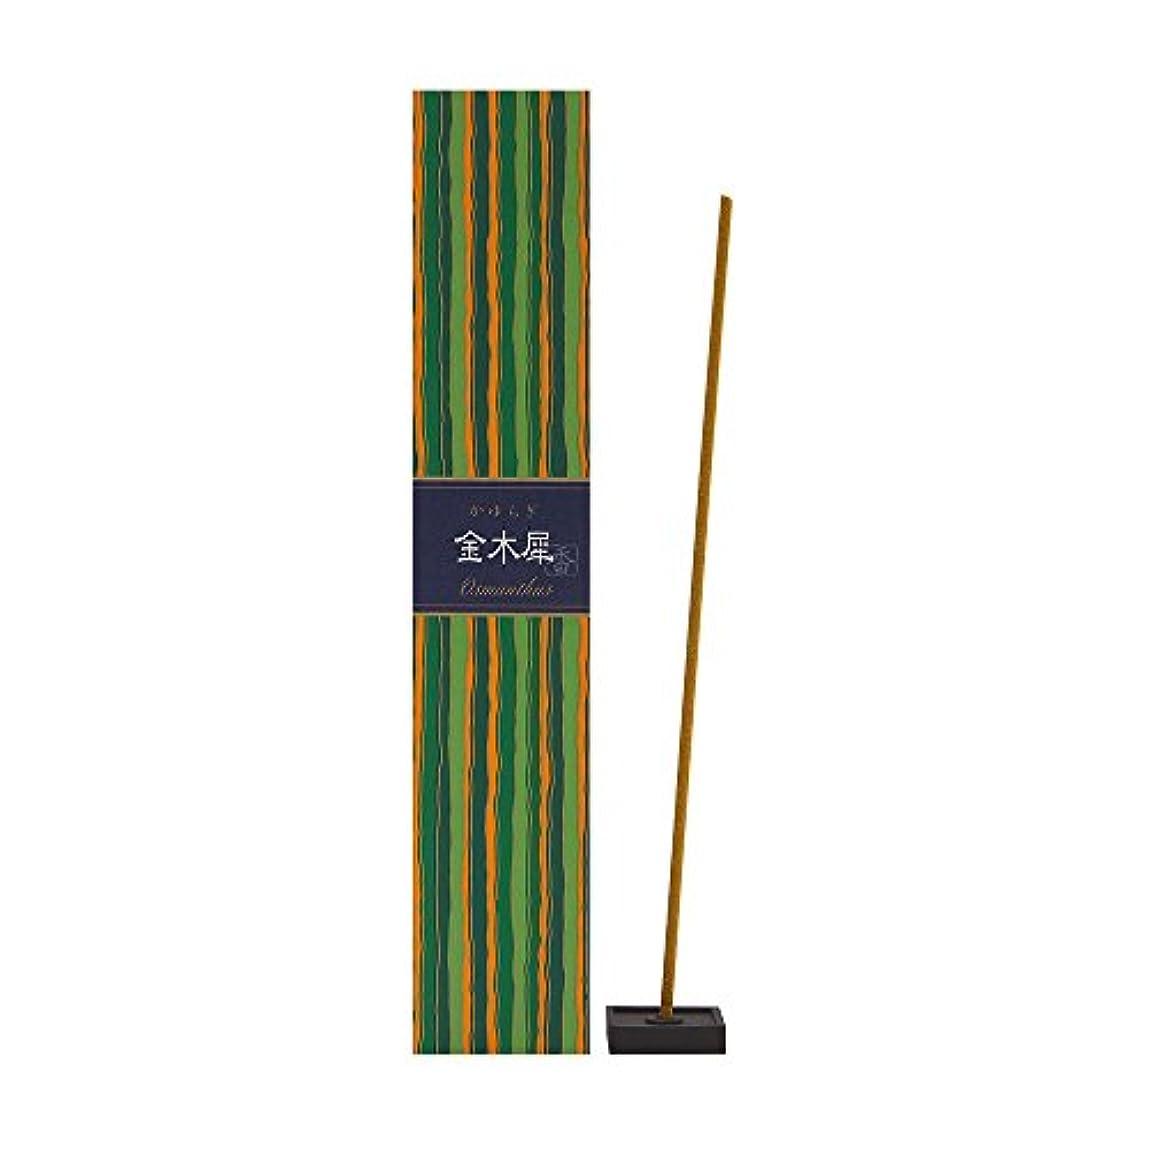 ふさわしい原理外国人Nippon Kodo – Kayuragi – Osmanthus 40 Sticks 1 38404